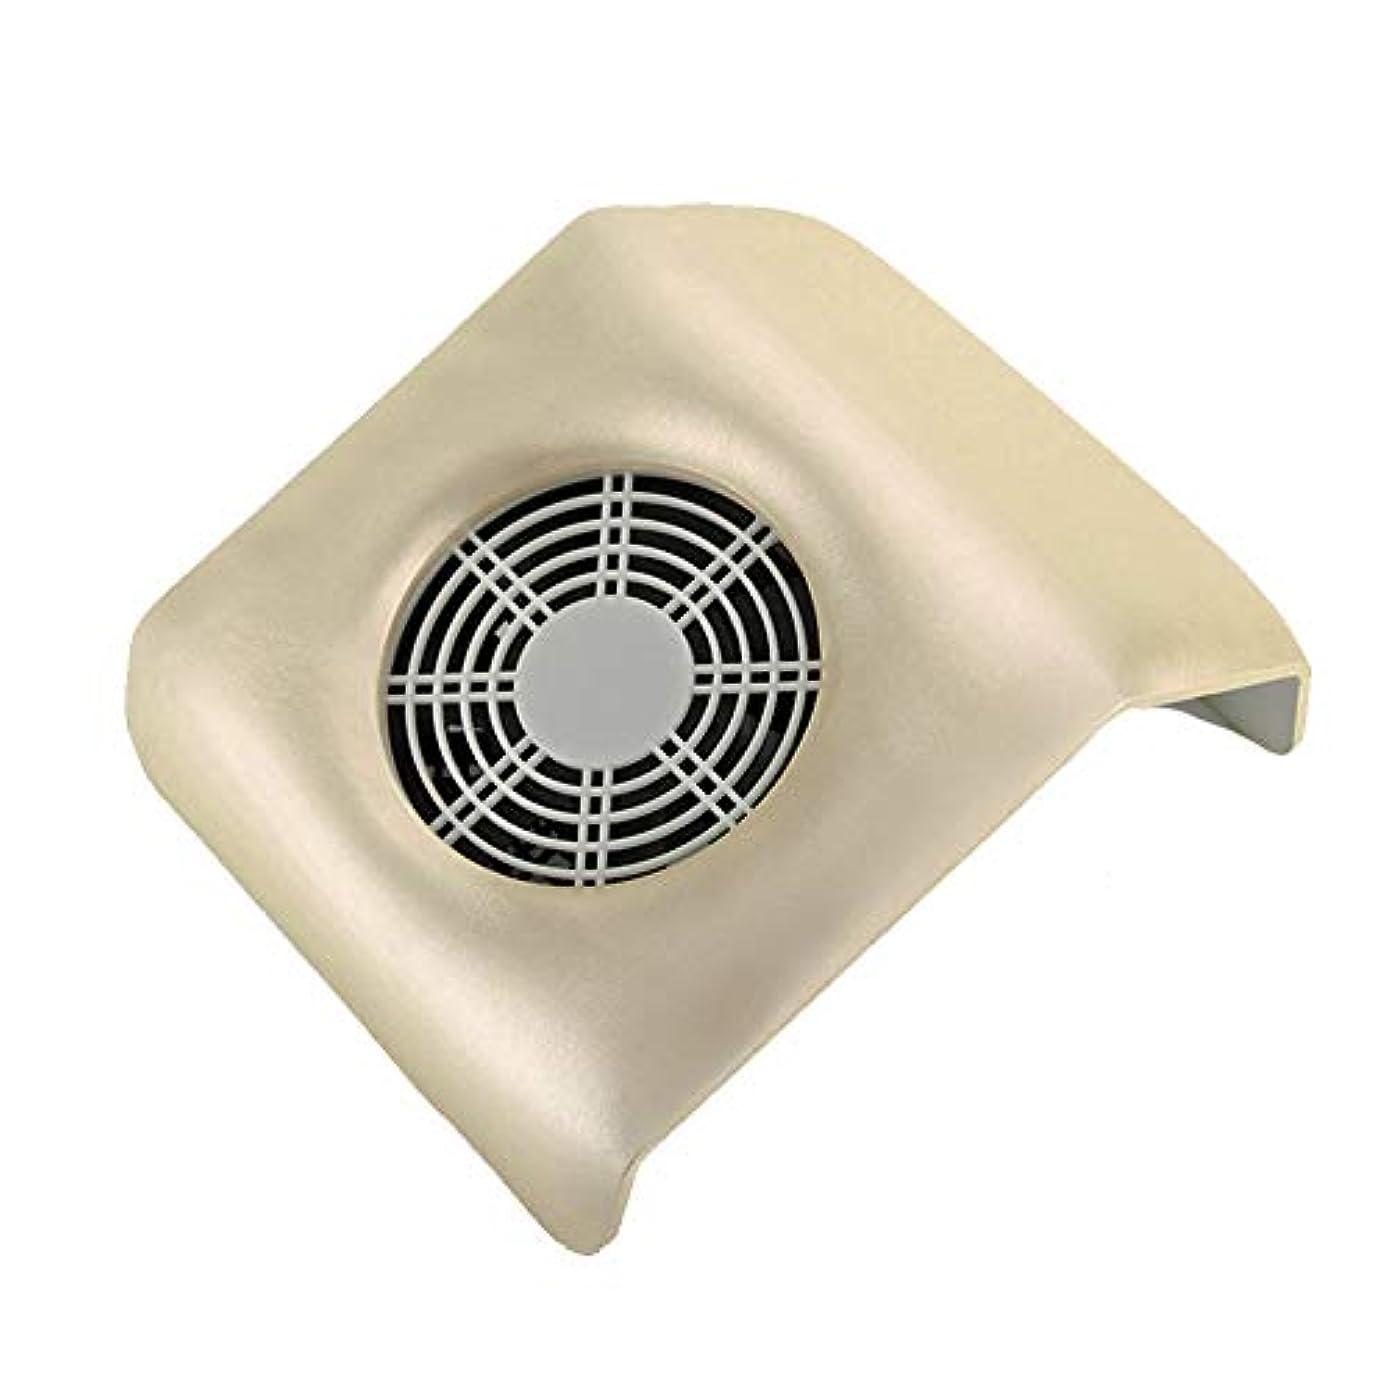 容器ソース王位ネイル 集塵機 ネイルアート掃除機 ネイルマシン ネイルダスト ダストクリーナー ネイル機器 集塵バッグ付き 金色